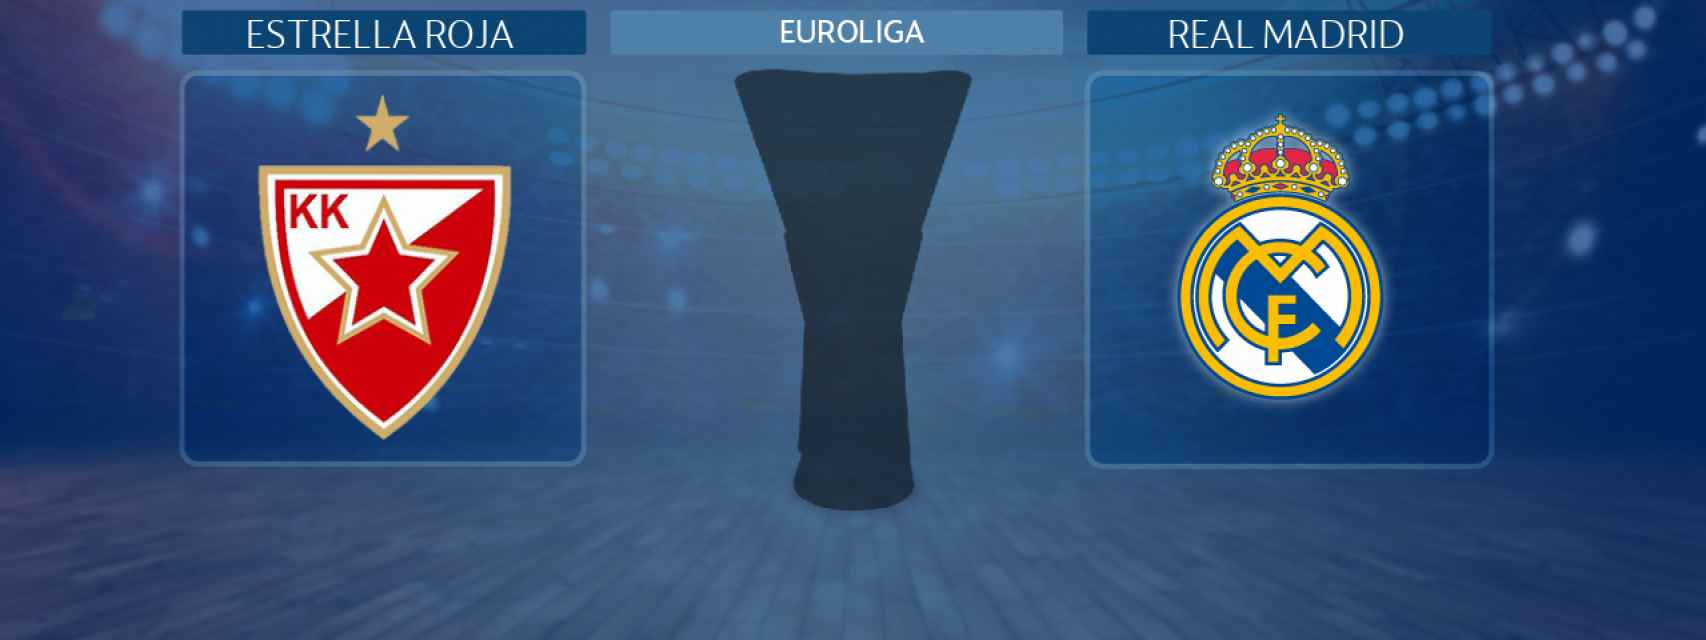 Estrella Roja - Real Madrid, partido de la Euroliga